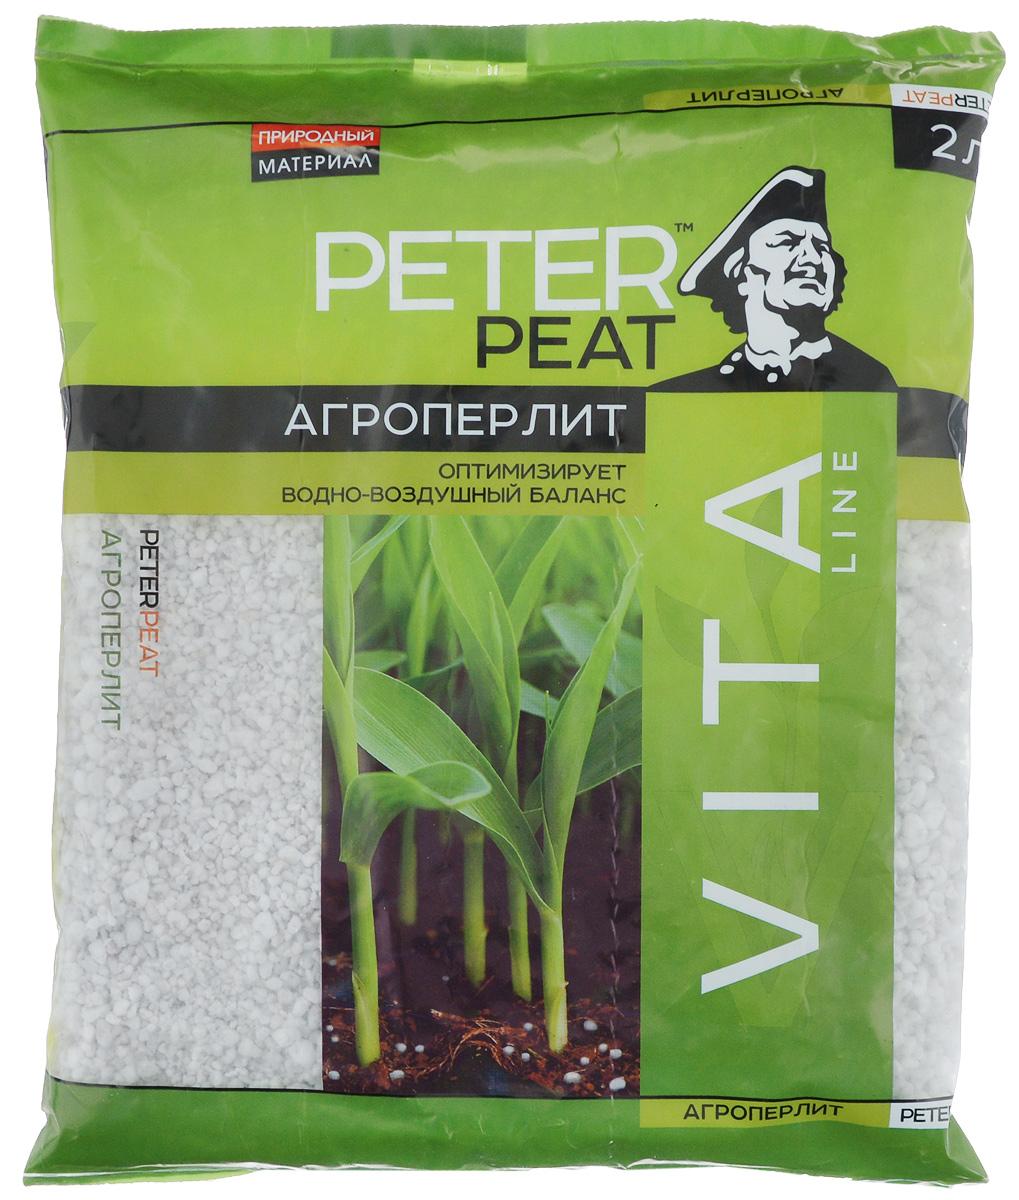 Агроперлит Peter Peat, 2 лC0038550Агроперлит Peter Peat - легкий, пористый минерал снежно-белого цвета, однороден по своим физическим и химическим характеристикам, экологически безопасен. Стабилизирует температурный режим, создает оптимальную воздушно-влажностную среду для развития корневой системы растений. Является хорошим компонентом почвенных смесей, повышает пористость и рыхлость почвы. Применяется для укоренения черенков и хранения посадочного материала.